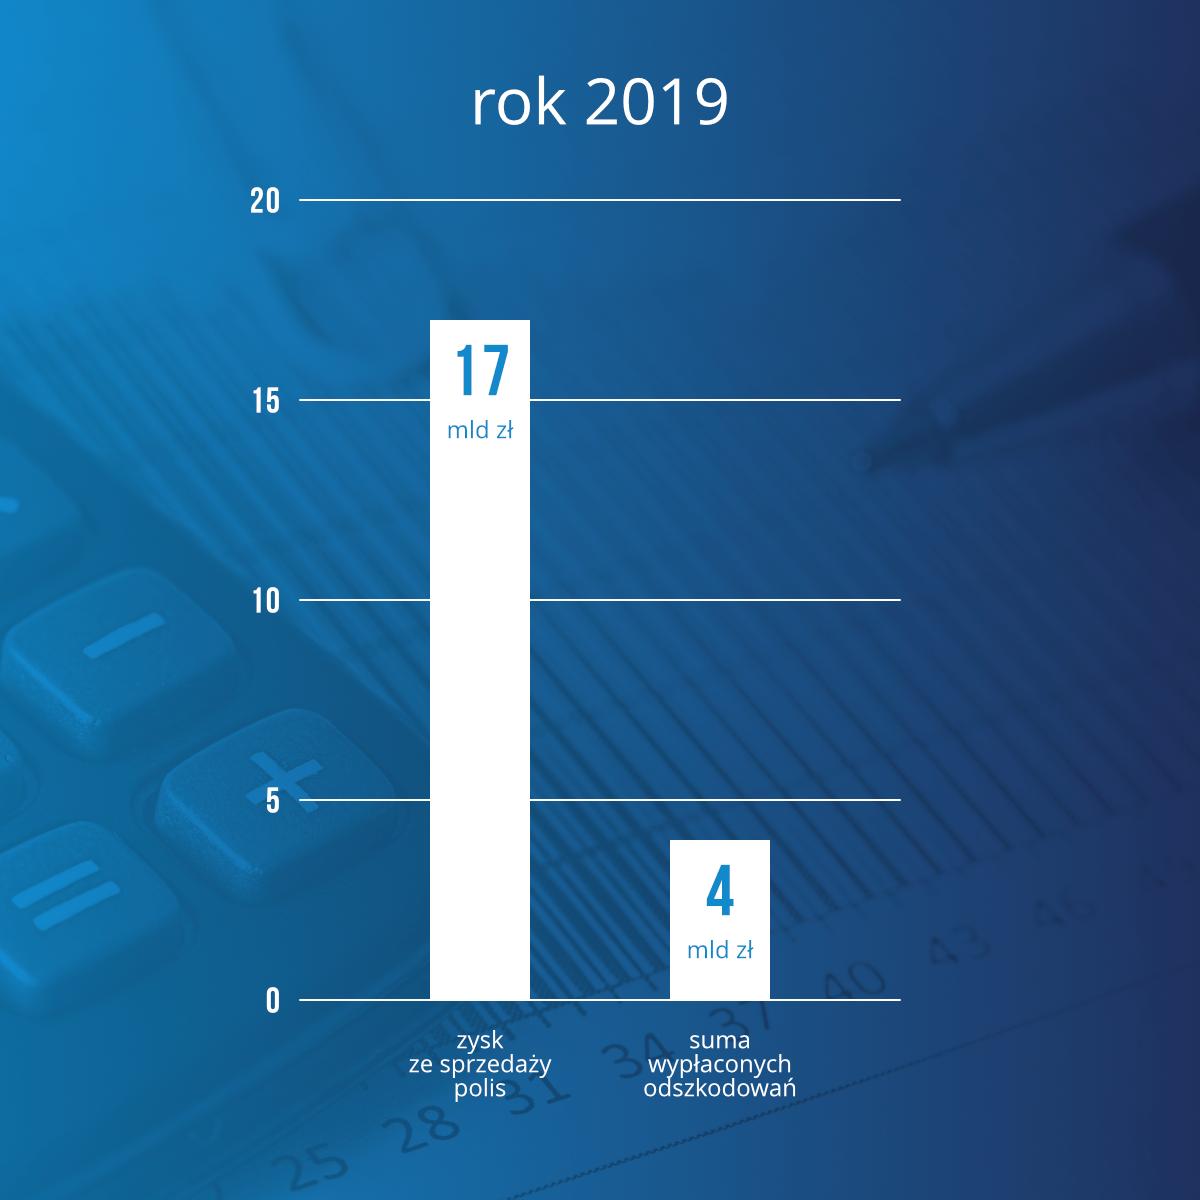 Rok 2019 wyniki finansowe zakładów ubezpieczeń - wykres